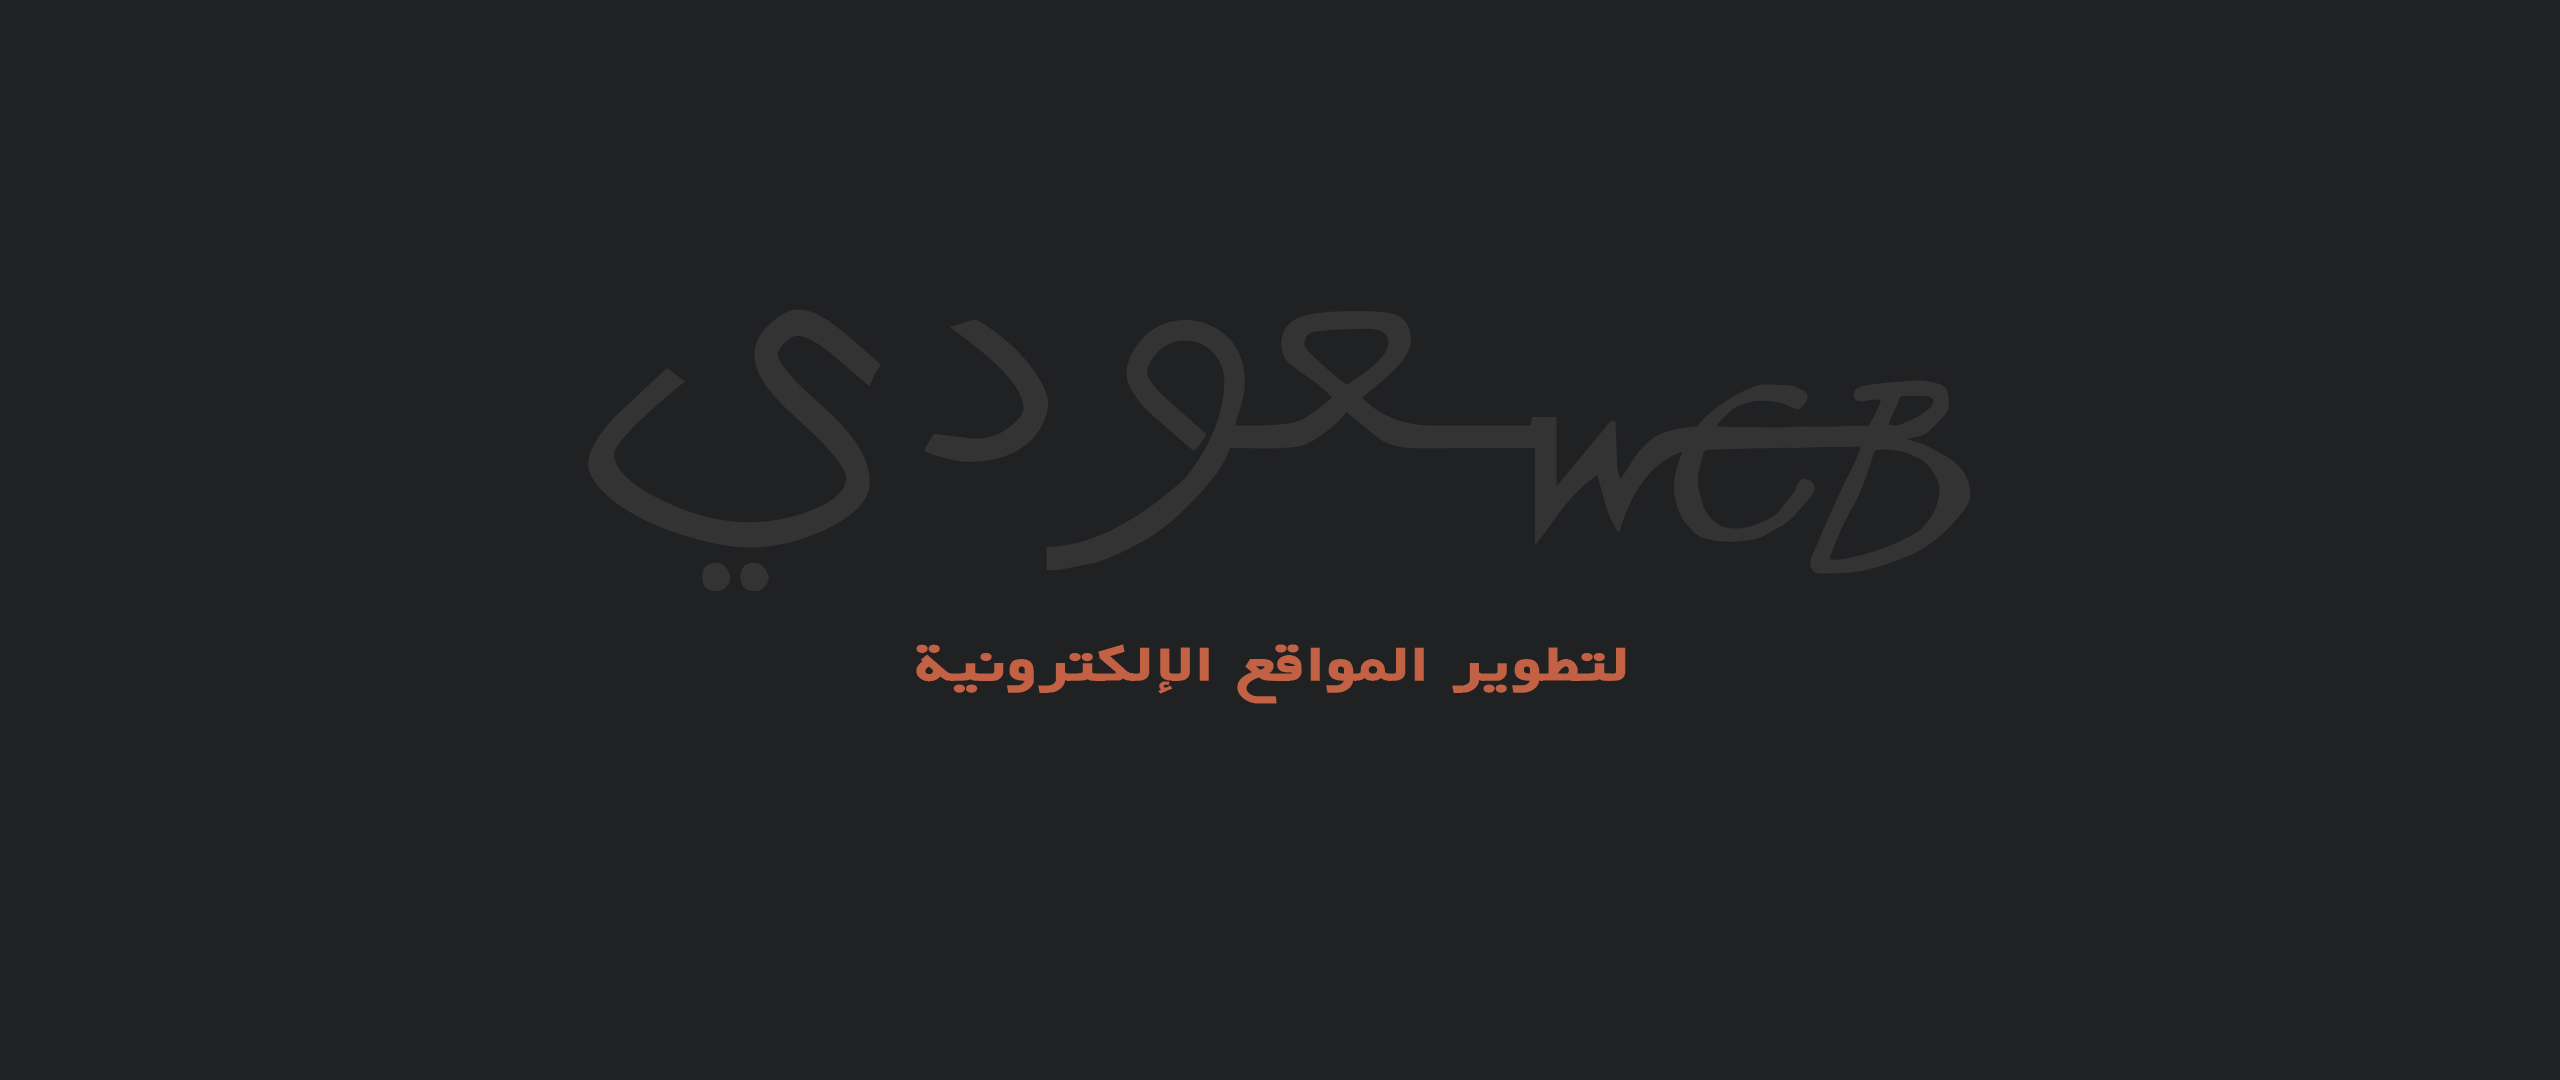 FILE_4CD496-7D9BF9-1B3C25-3961FD-CA6F60-F24077.jpg